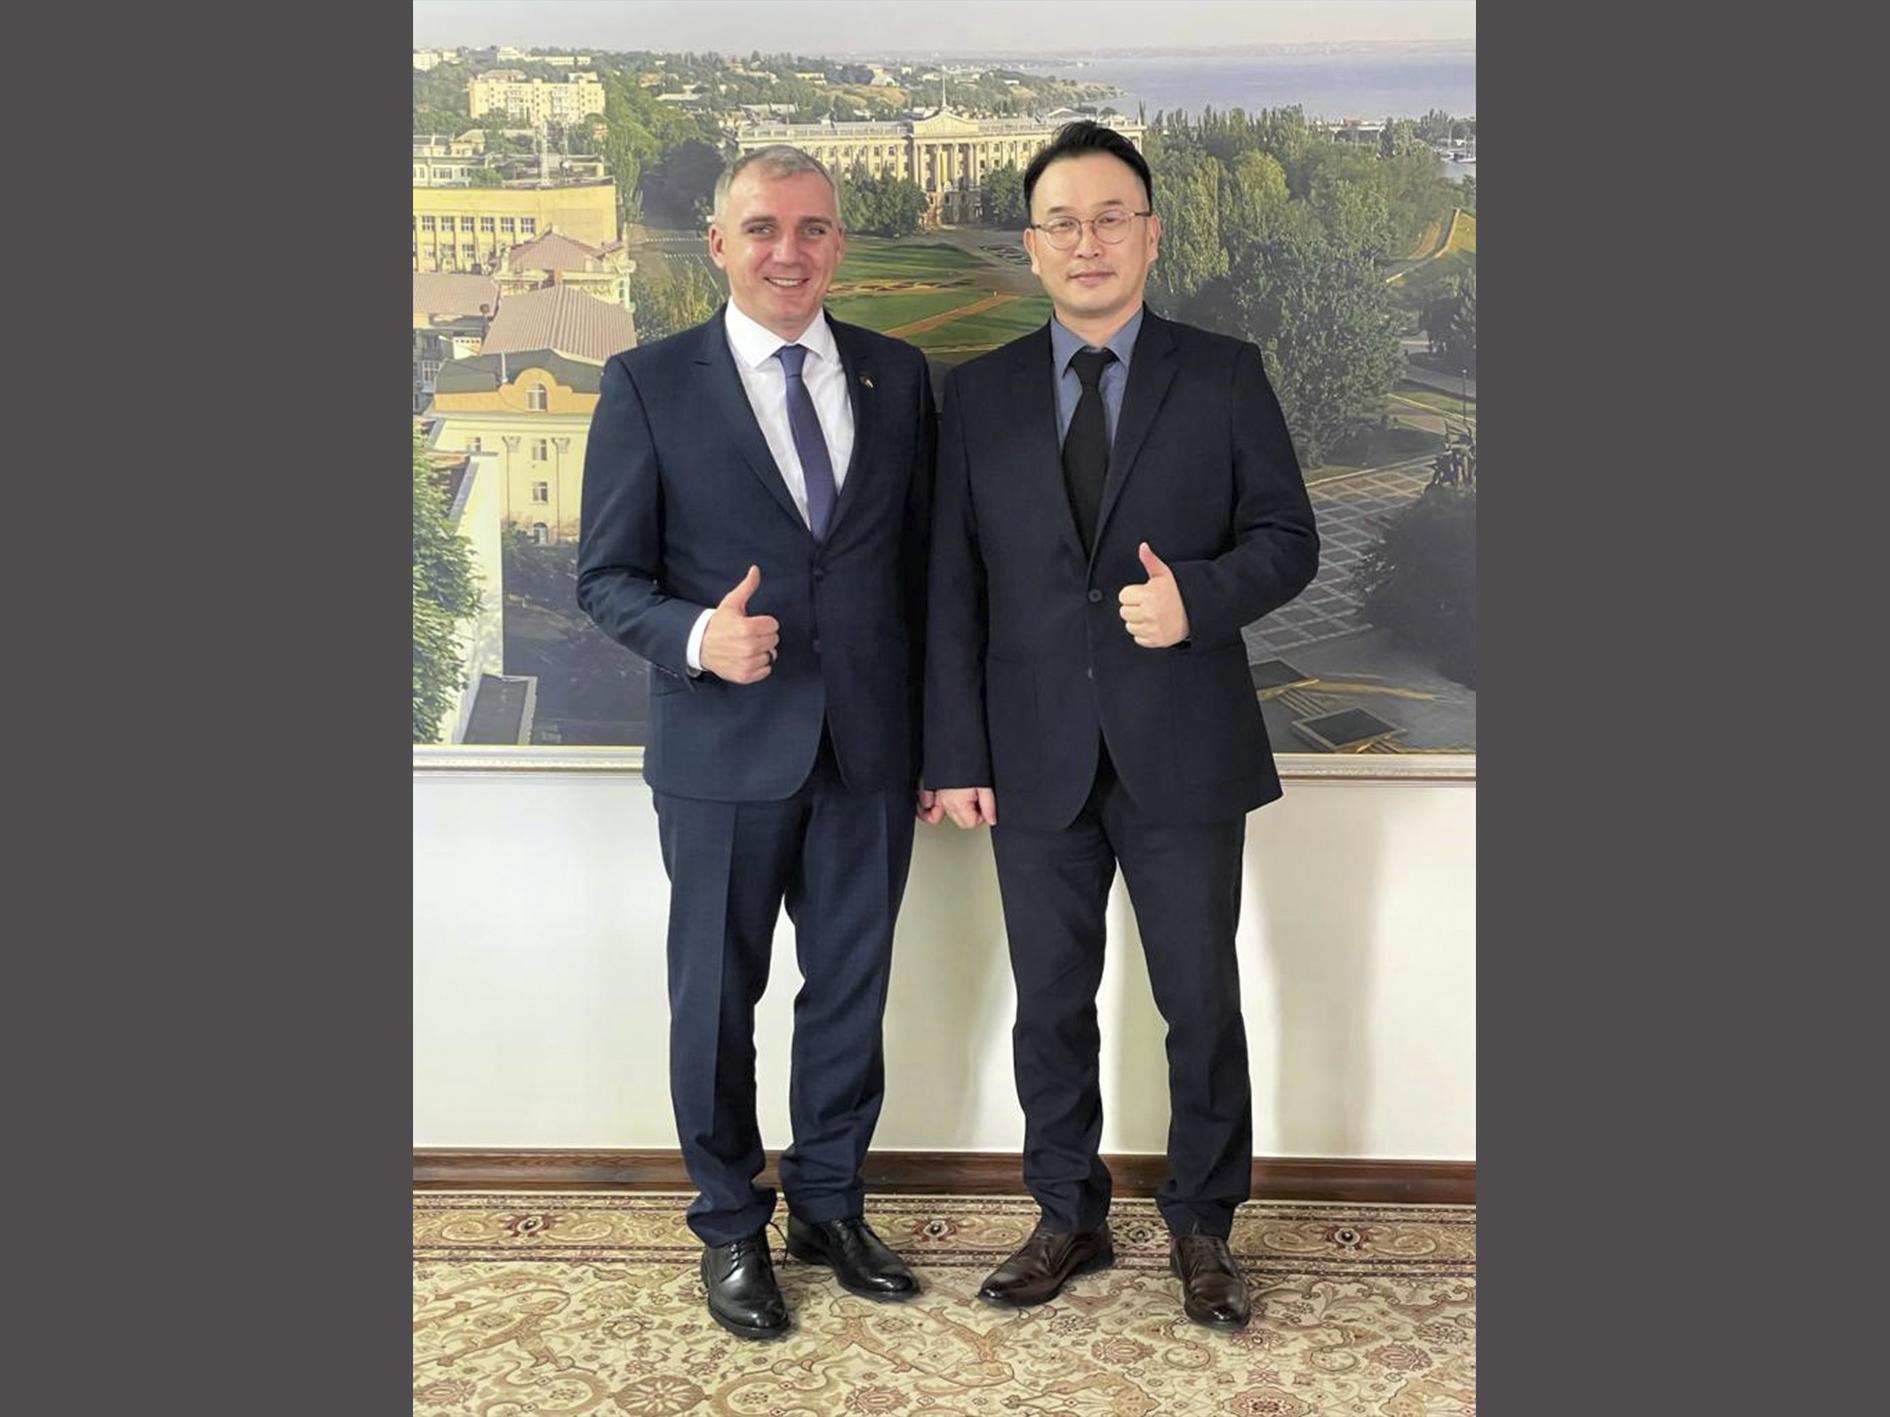 Генеральний директор с господином Сенкевичем Александром Фёдоровичем, мэром Николаева